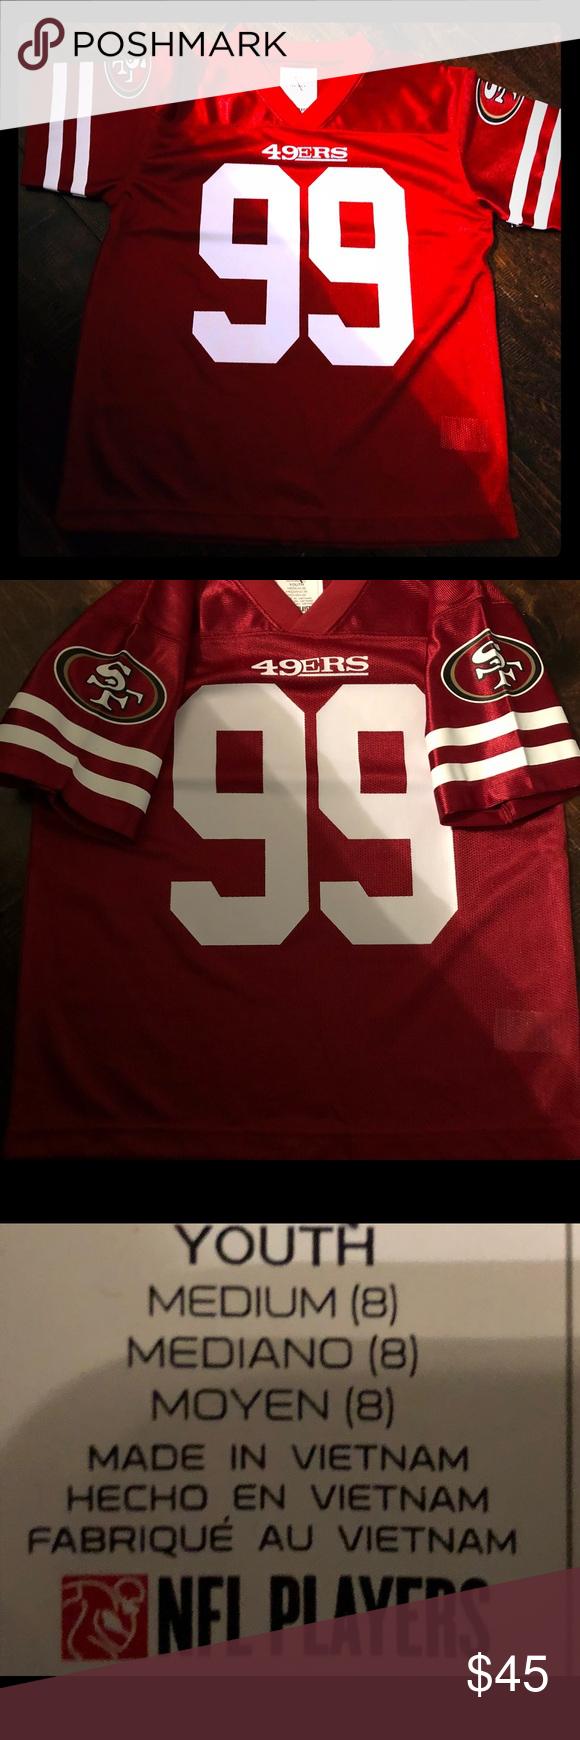 Kids Forrest BUCKNER SAN FRANCISCO jersey Med SZ 8 Youth size 8  Medium San  Francisco 49ers jersey Forrest Buckner NFL TEAM APPAREL NFL Shirts   Tops  Tees ... a62462faf